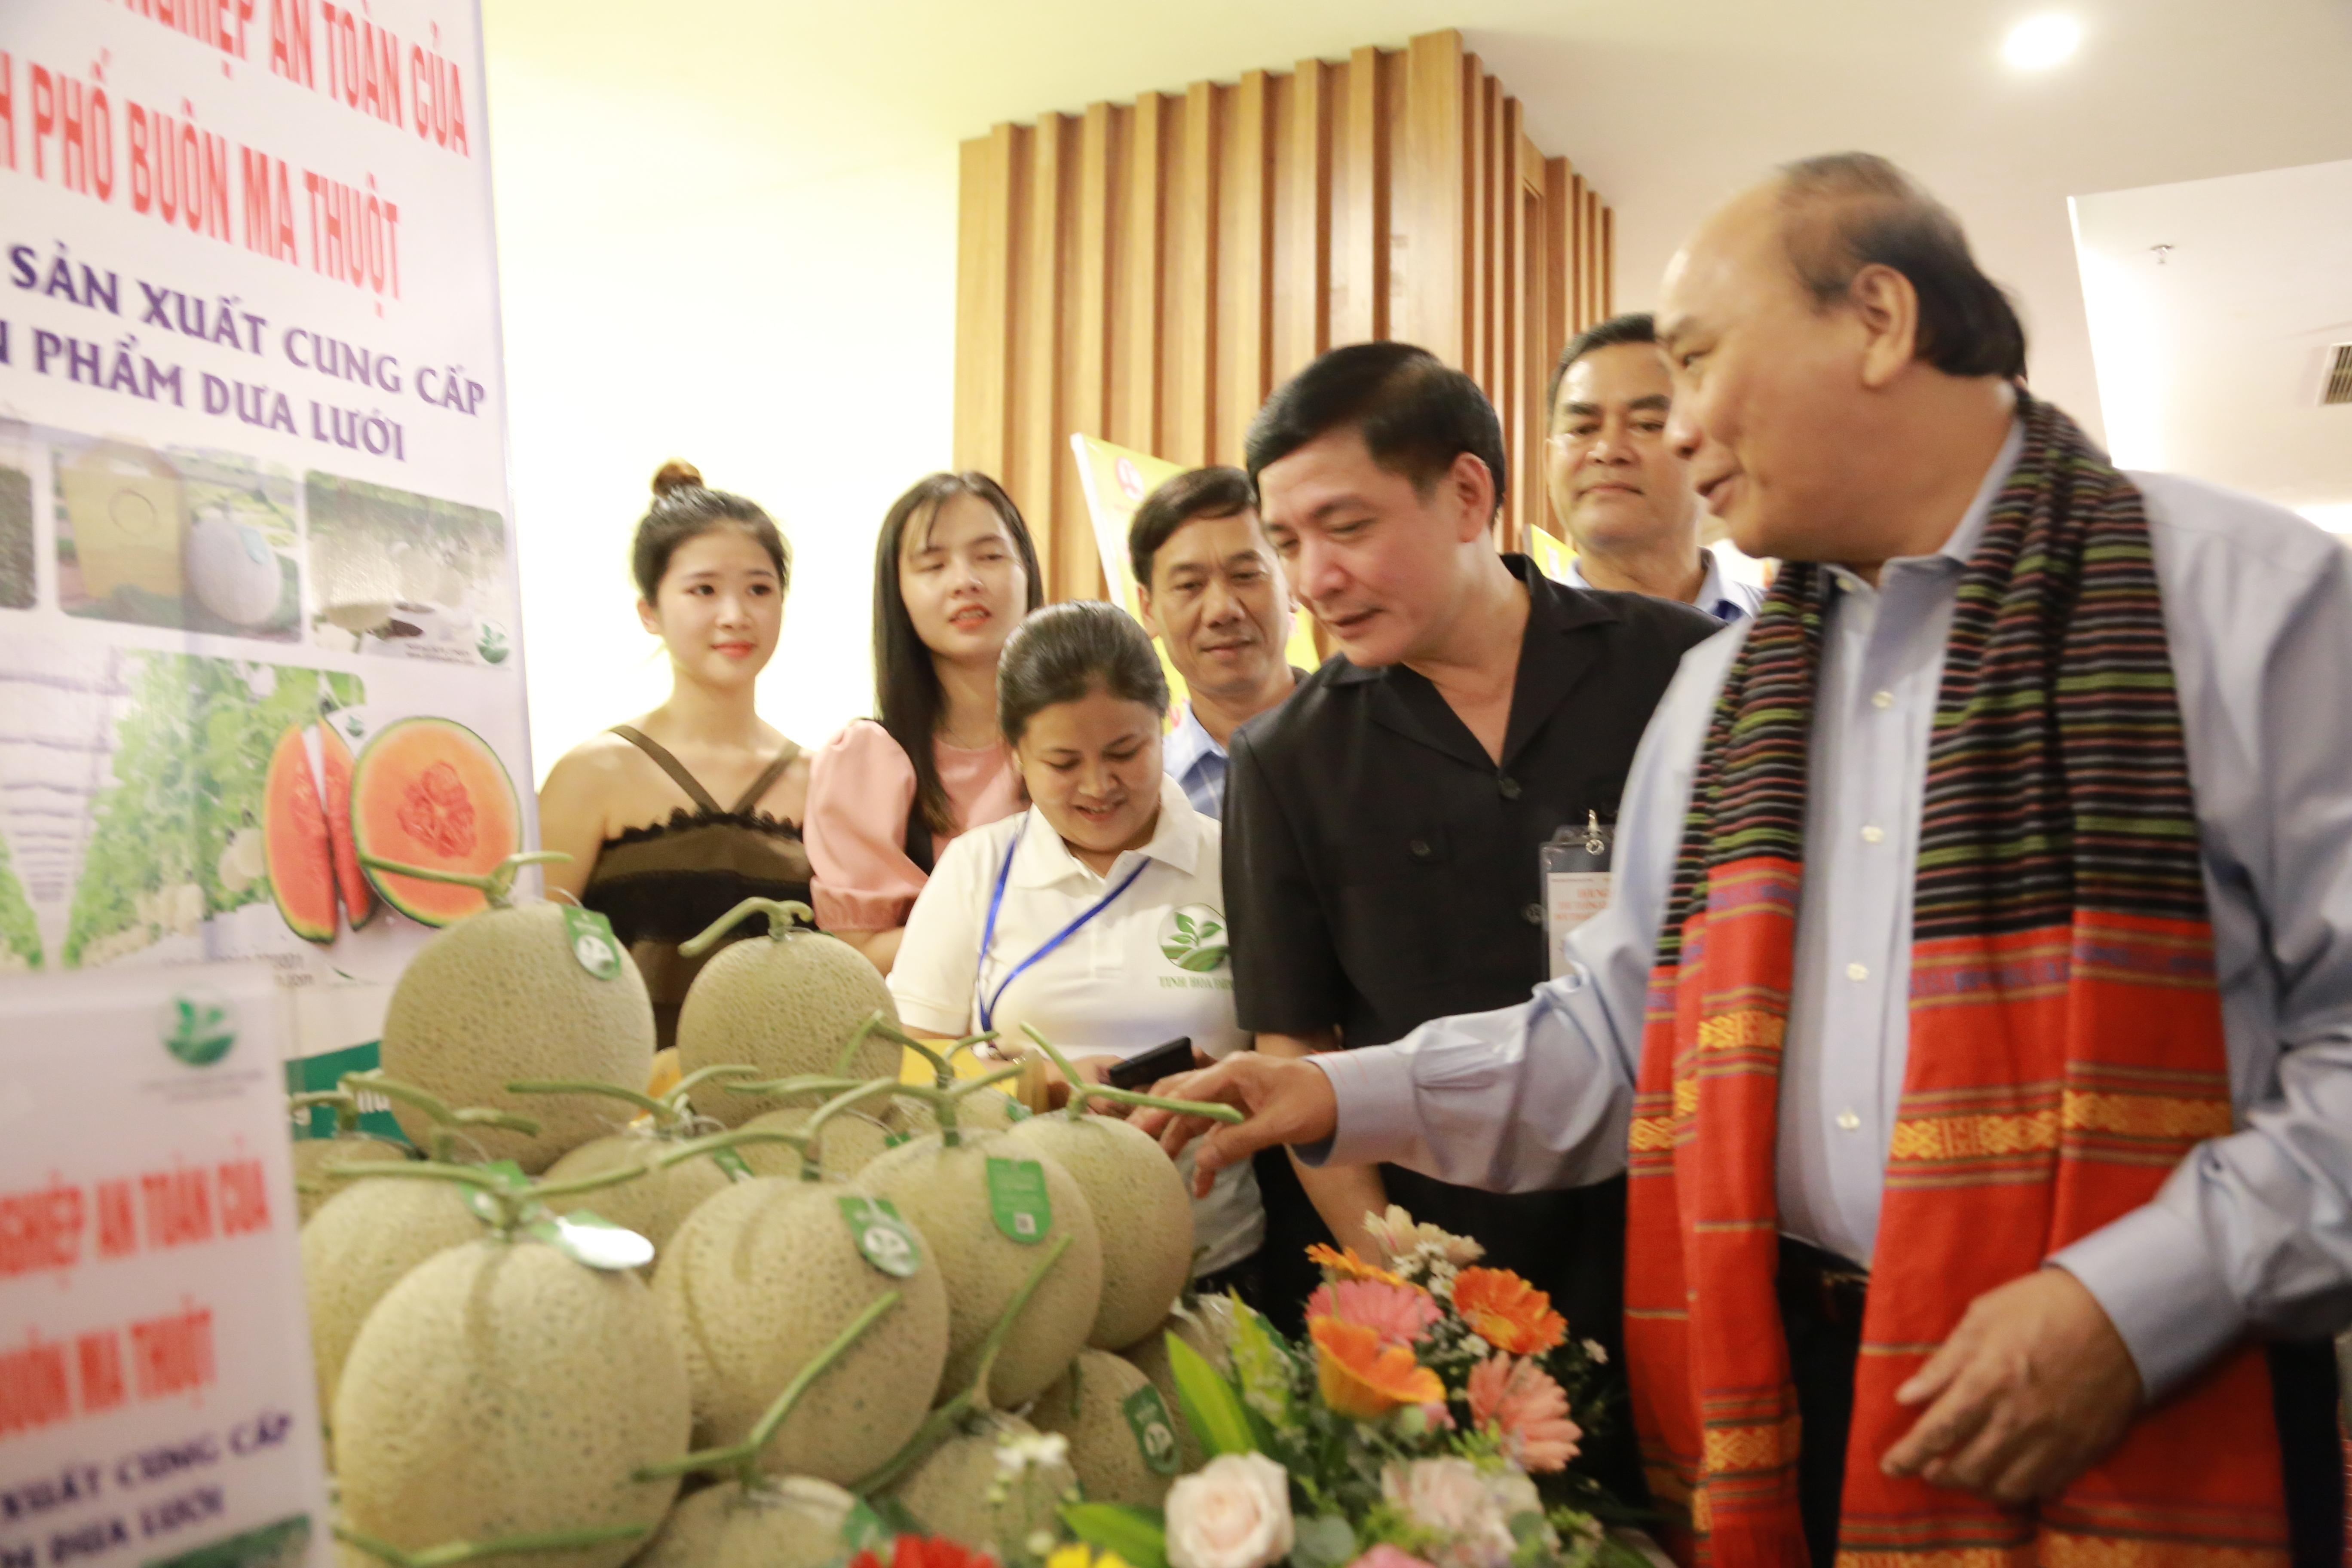 Đắk Lắk có 70 gian hàng tham gia Festival sản phẩm vật tư nông nghiệp, thương mại khu vực miền Trung và Tây Nguyên năm 2020